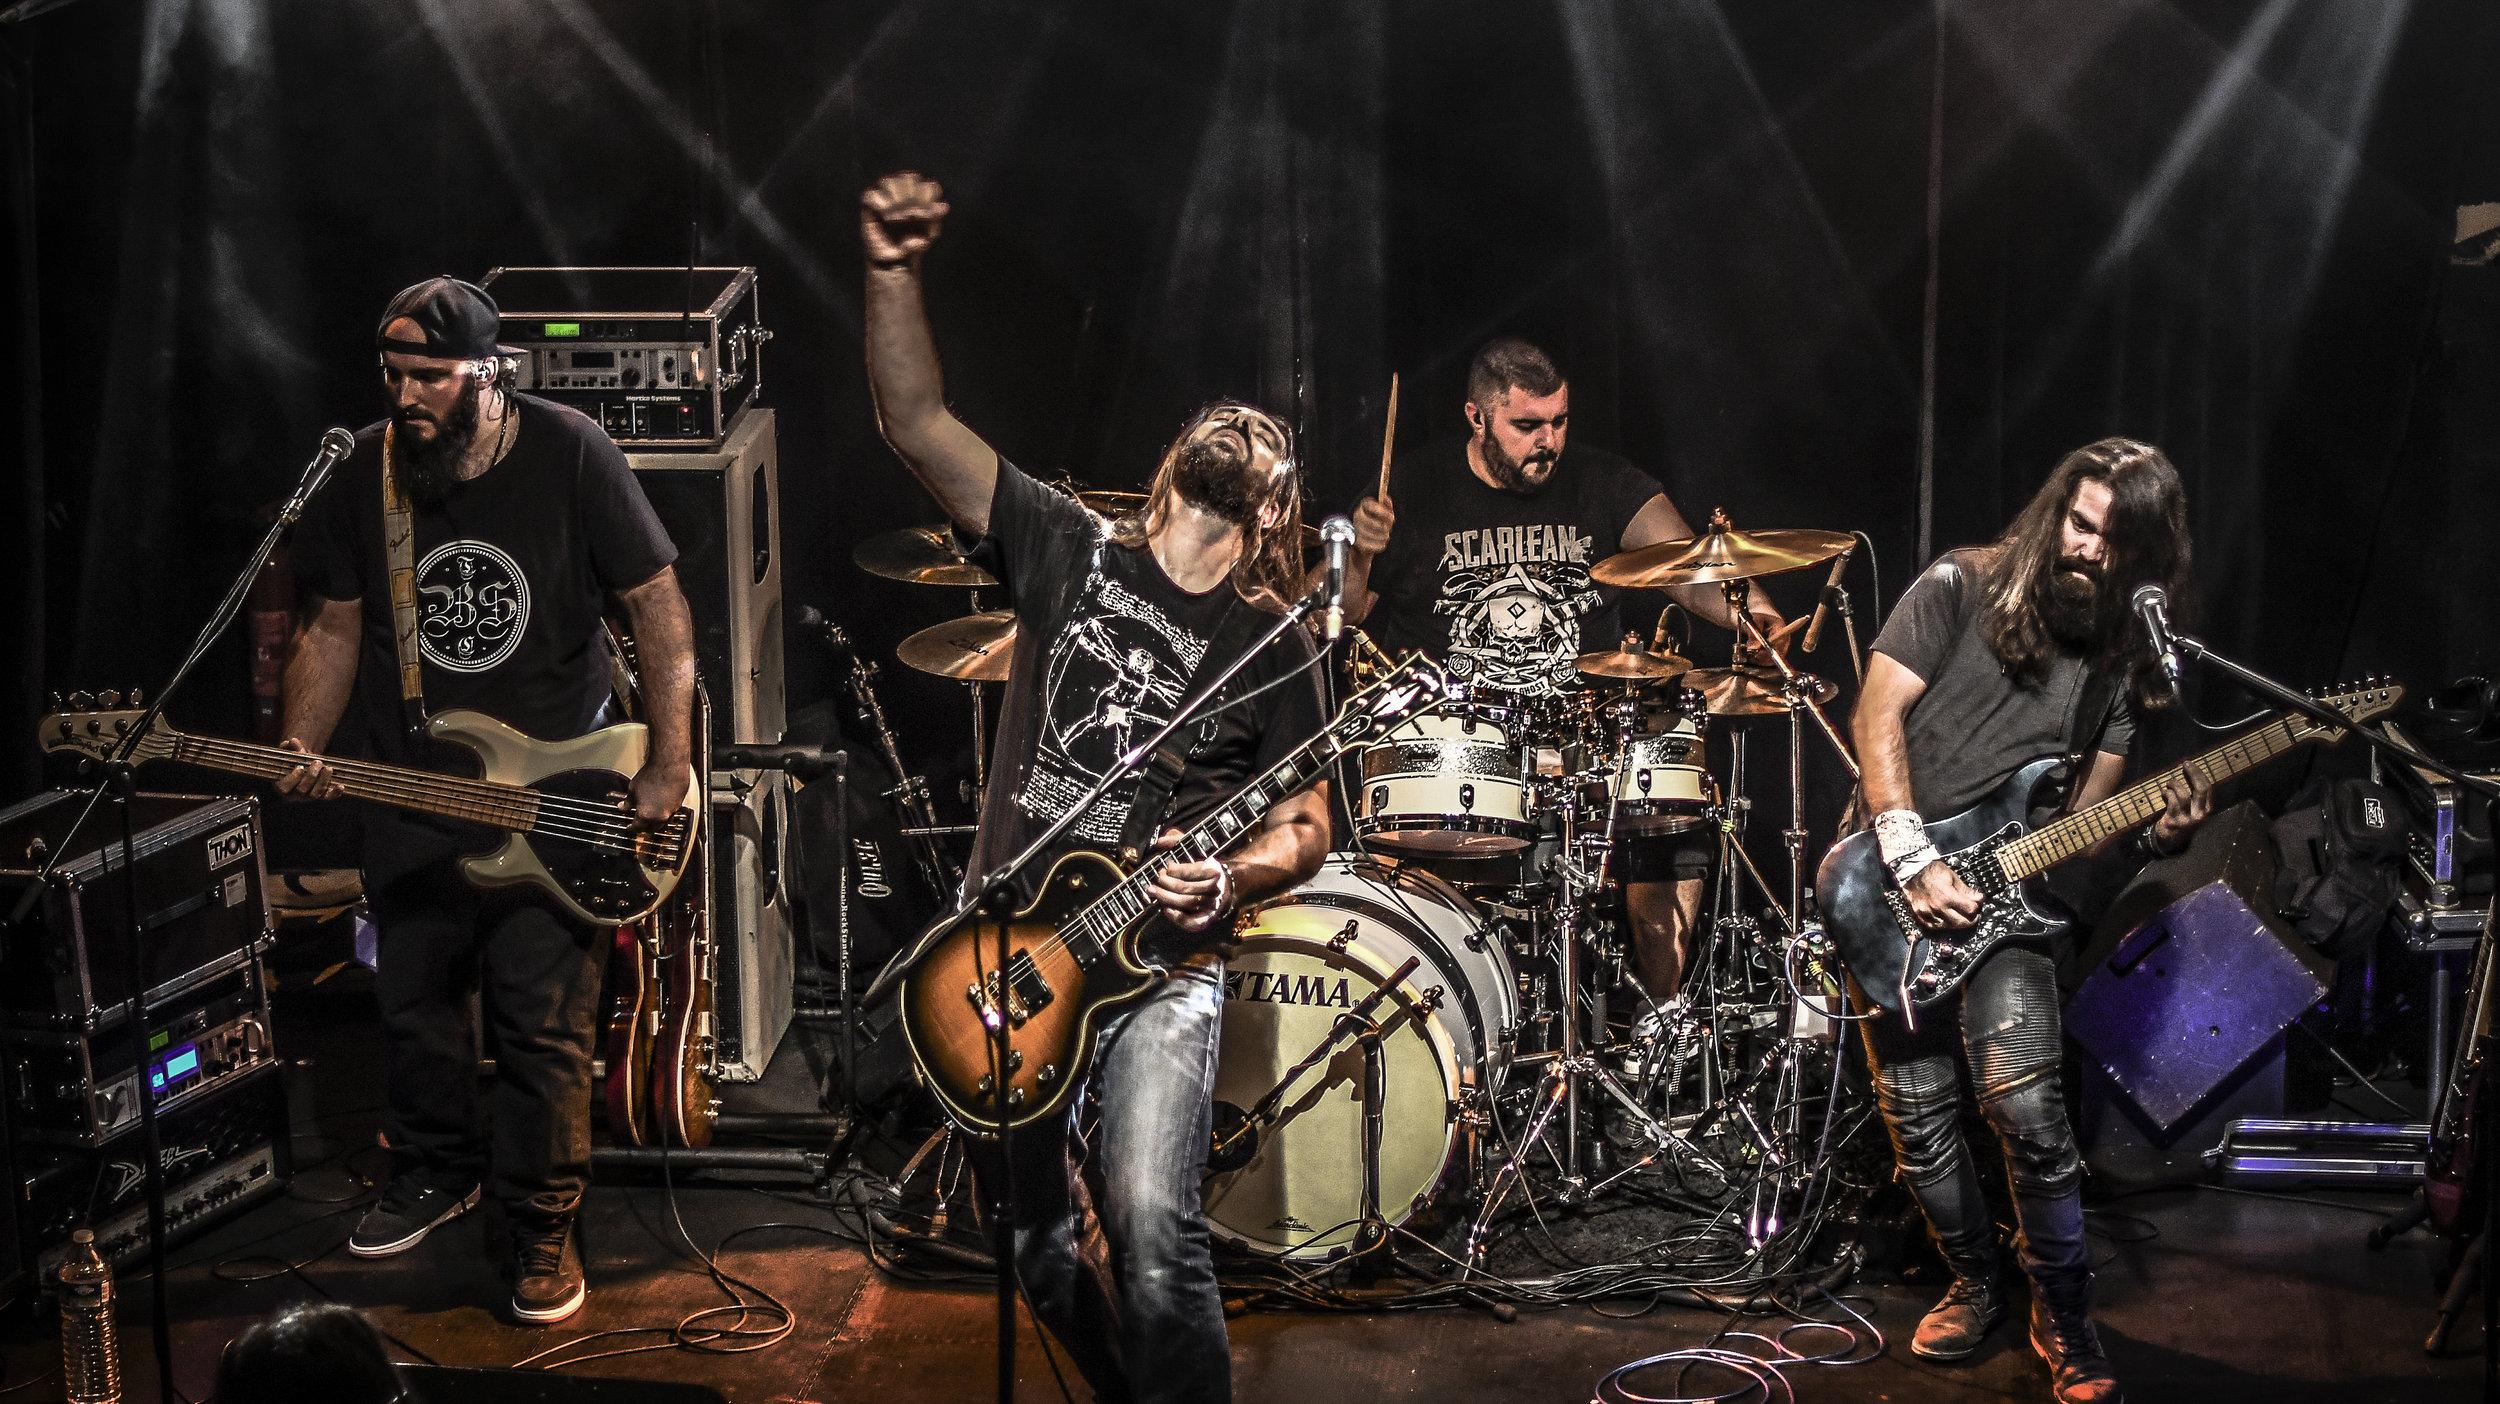 The Black Stone - Regarde plutôt que de lireFACEBOOKVIDEOC'est en 2014 que the BlackStone co voit le jour, imaginé par Marc Bohren (voix/guitare) et Eric Papagna (batterie), rejoints par Romin Manogil (guitare) et Quentin Baïsset (basse) qui forment à eux 4 le line-up actuel. Avec des influences telles que Alter Bridge, Stone Sour et Black Label Society, the BlackStone co prend résolument une direction Rock/Métal et a sorti son premier album nommé «Betrayed» le 25 janvier 2019, composé de 10 titres efficaces, puissants, aux riffs lourds et mélodiques, mixé et masterisé par Evan Simon (Hell Rules Heaven), sous la bannière de M&O Music/Season of Mist et sera défendu corps et âme... Habitués de la scène, le groupe a déjà partagé l'affiche avec Disconnected, Scarlean, Bukowsky, No One is Innocent, Bagdad Rodeo, Heart Attack, Gut Scrappers, Vicious Grace